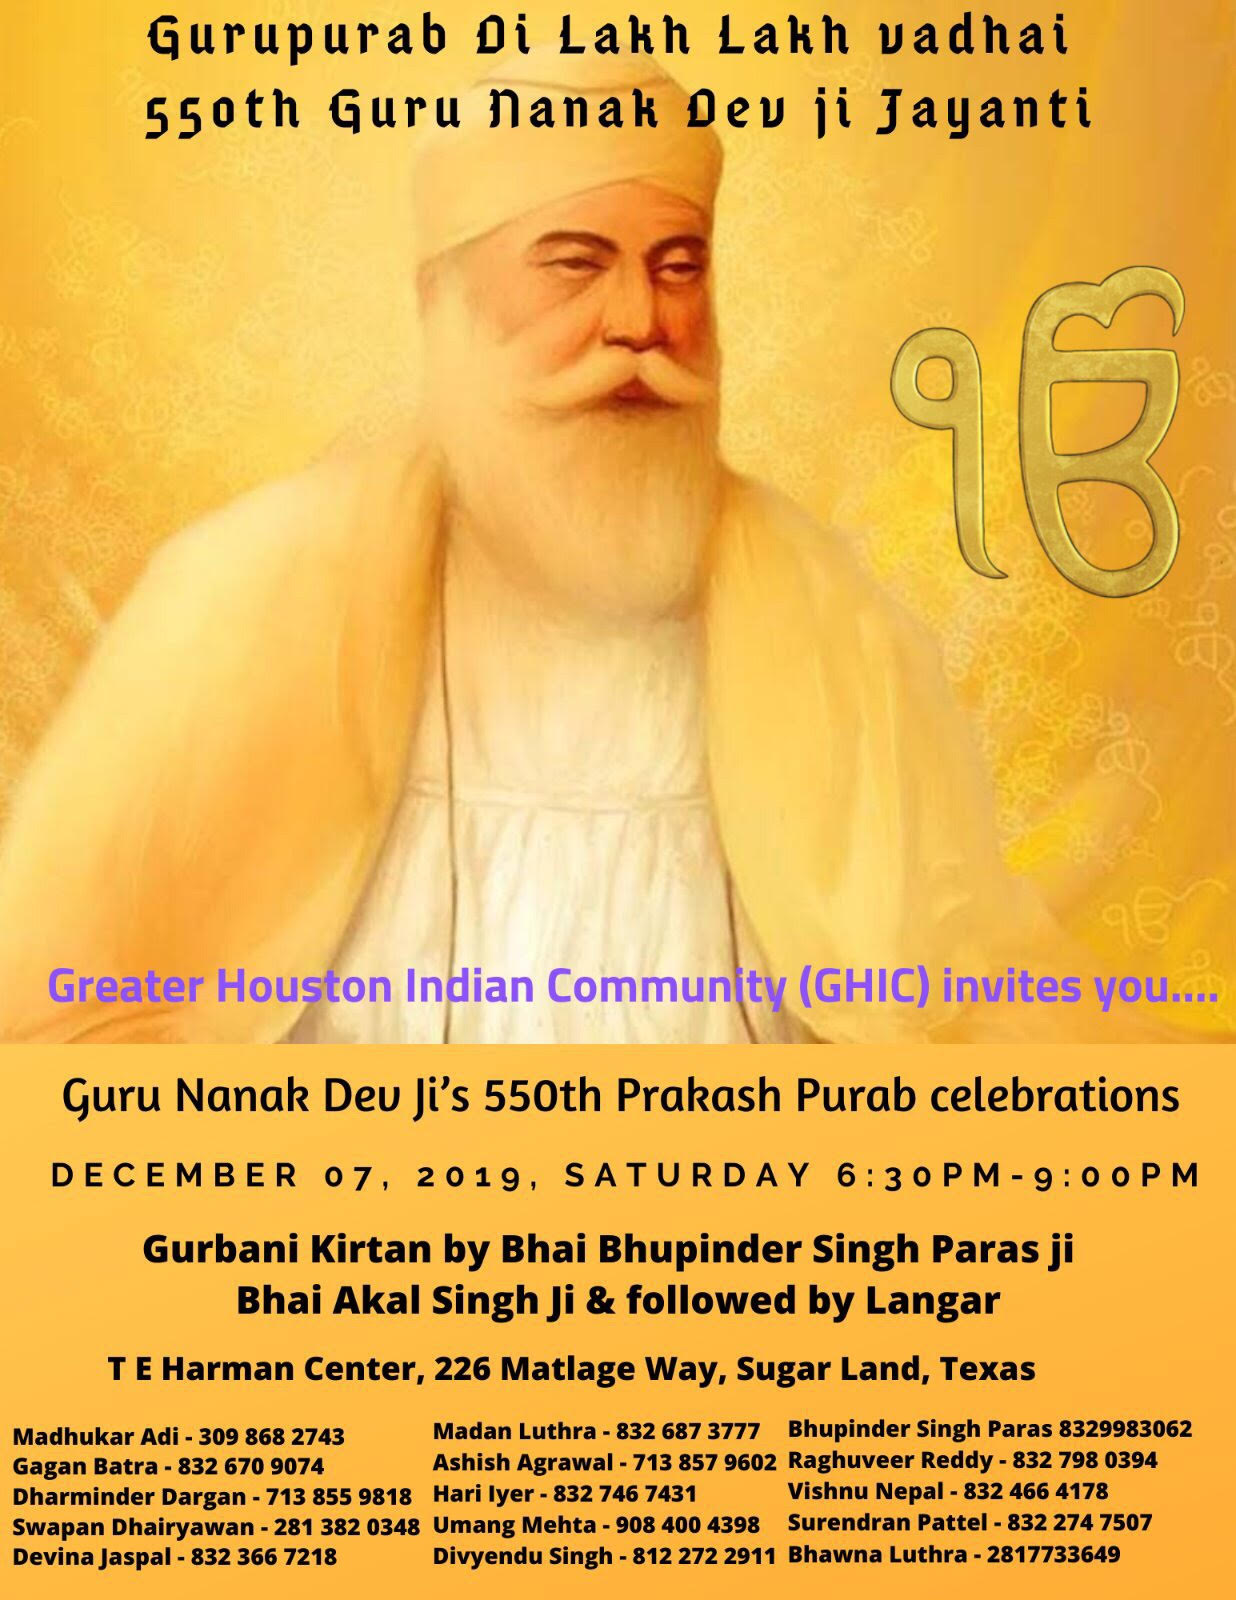 Guru Nanak Dev ji's 550th Prakash Purab Celebrations